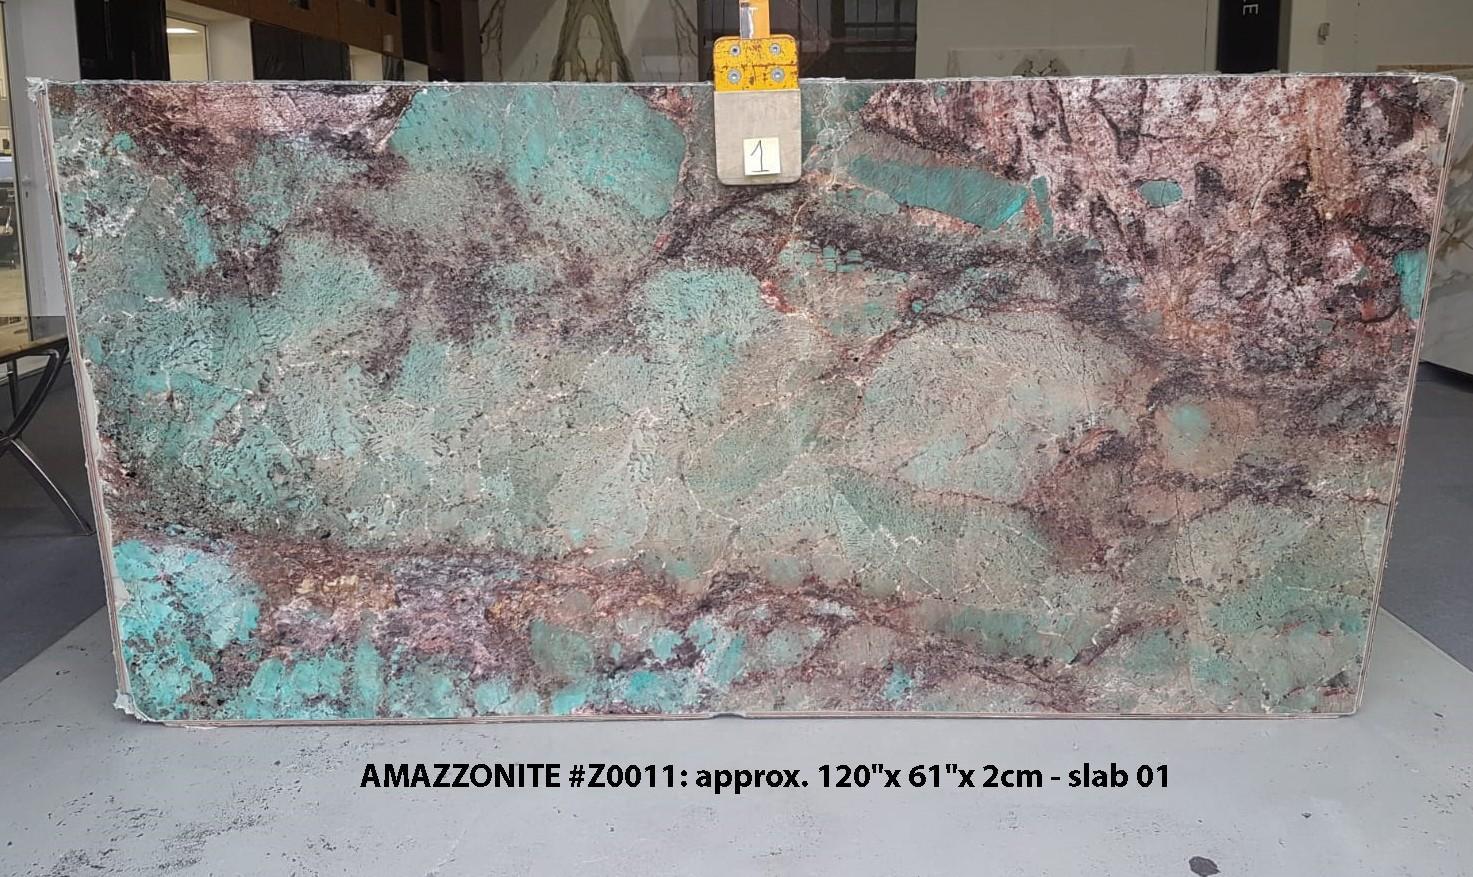 AMAZZONITE Fourniture (Italie) d' dalles brillantes en pierre semi précieuse naturelle Z0011 , Slab #01